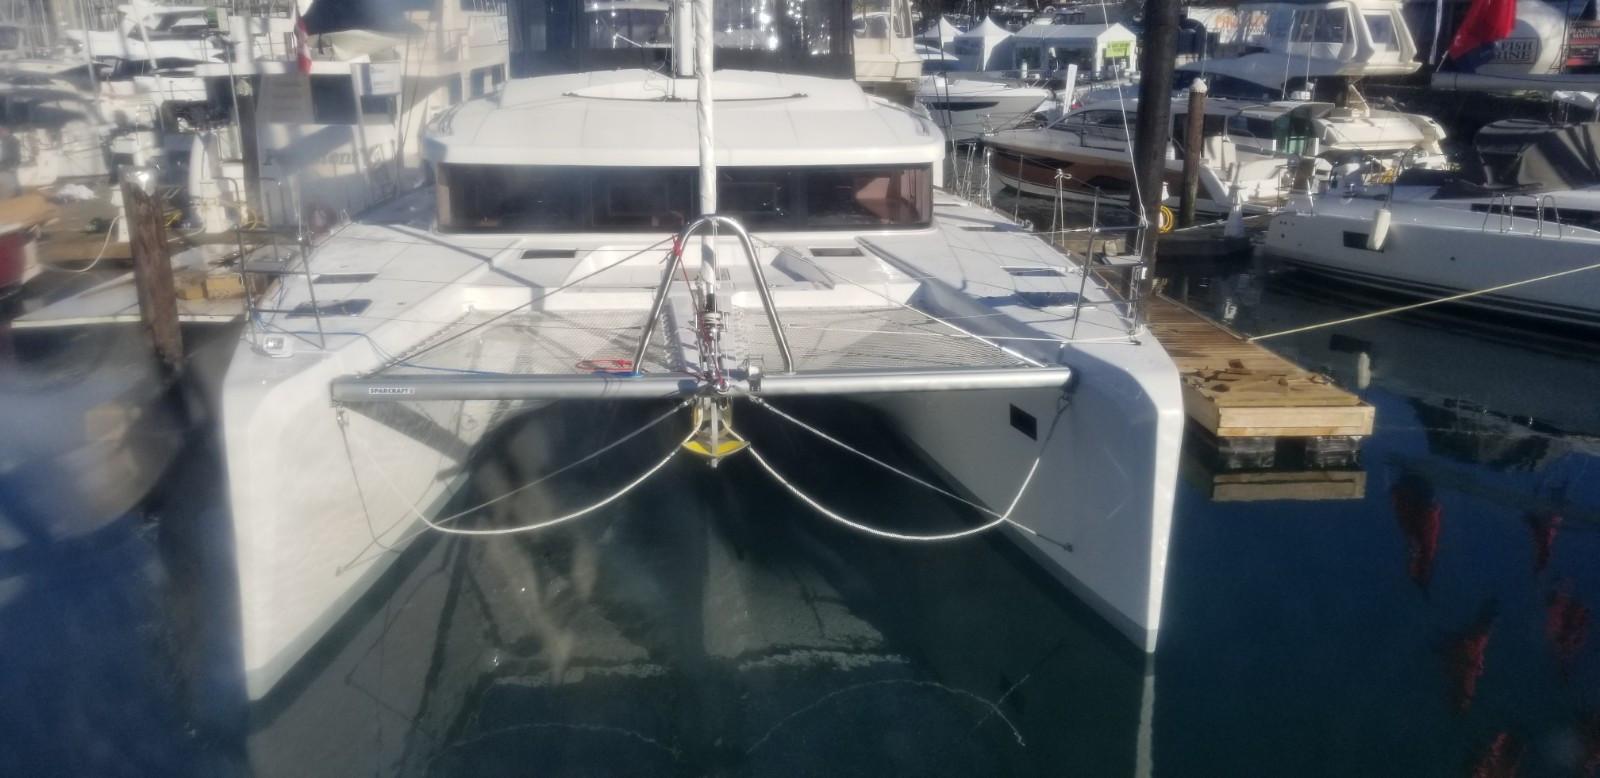 44尺双体帆船, 也值得参观